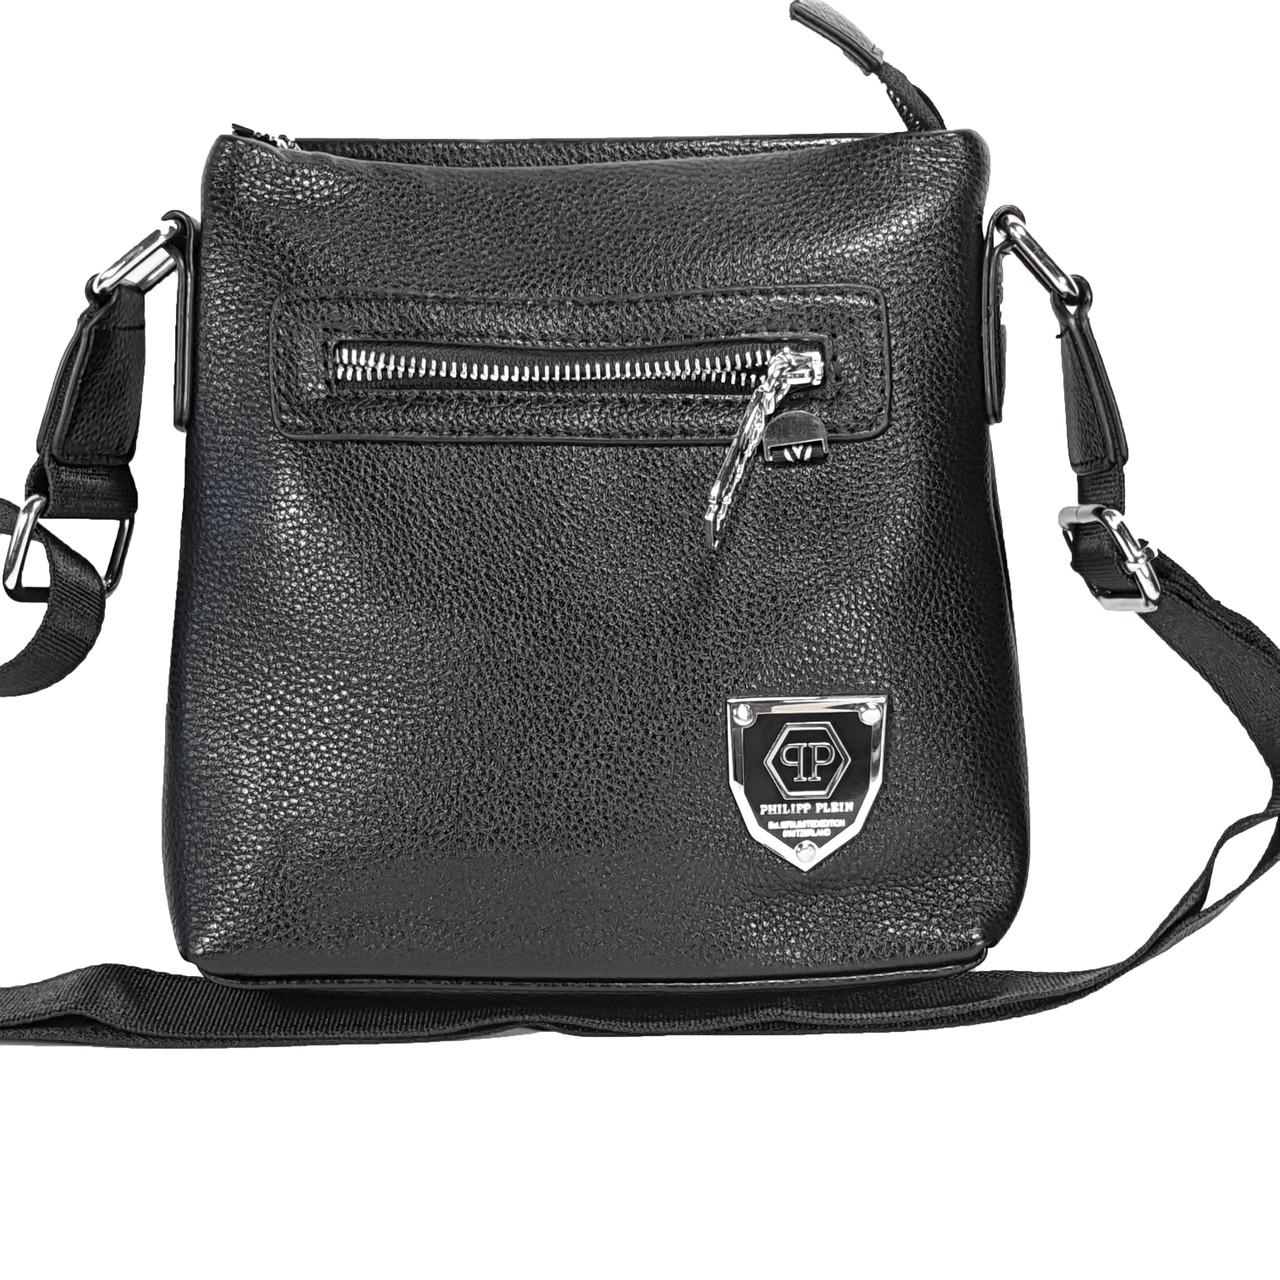 Односекционная сумка Philipp Plein, малая